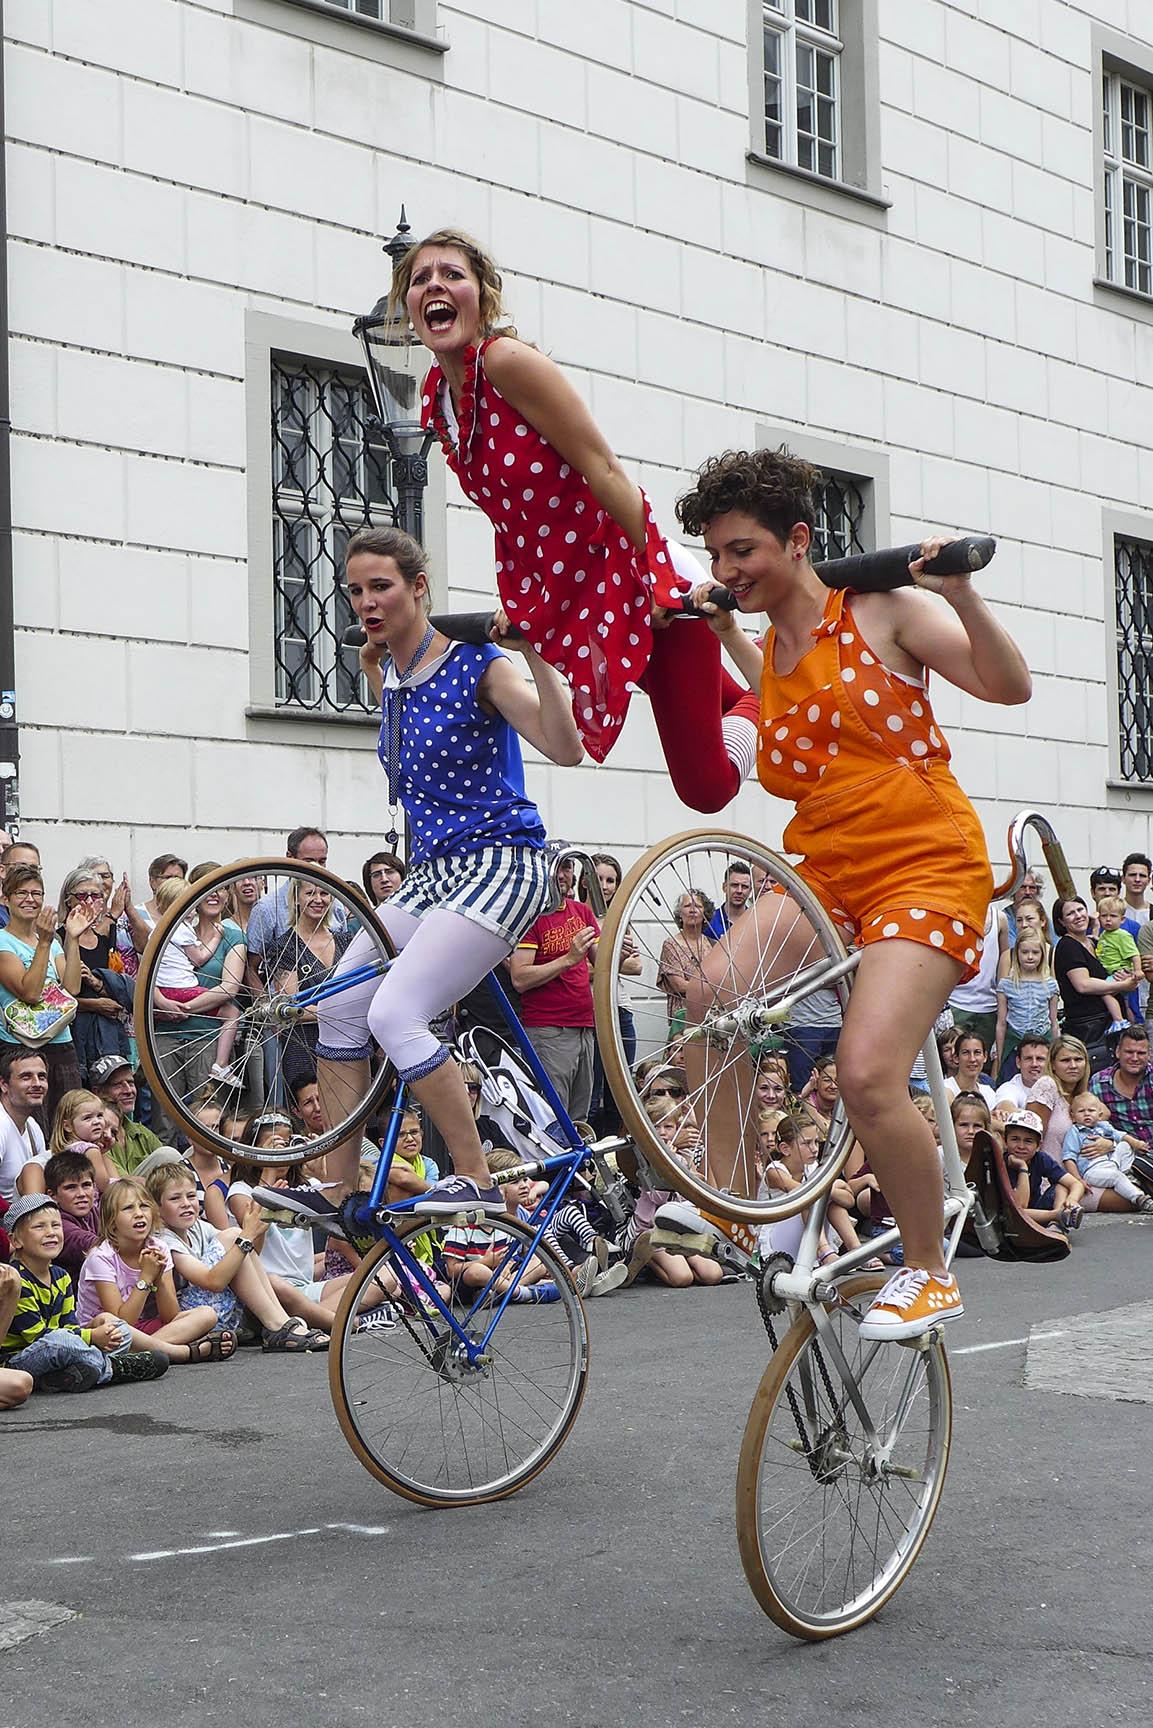 Compagnie-Trottvoir-2014-Luzern-08.jpg